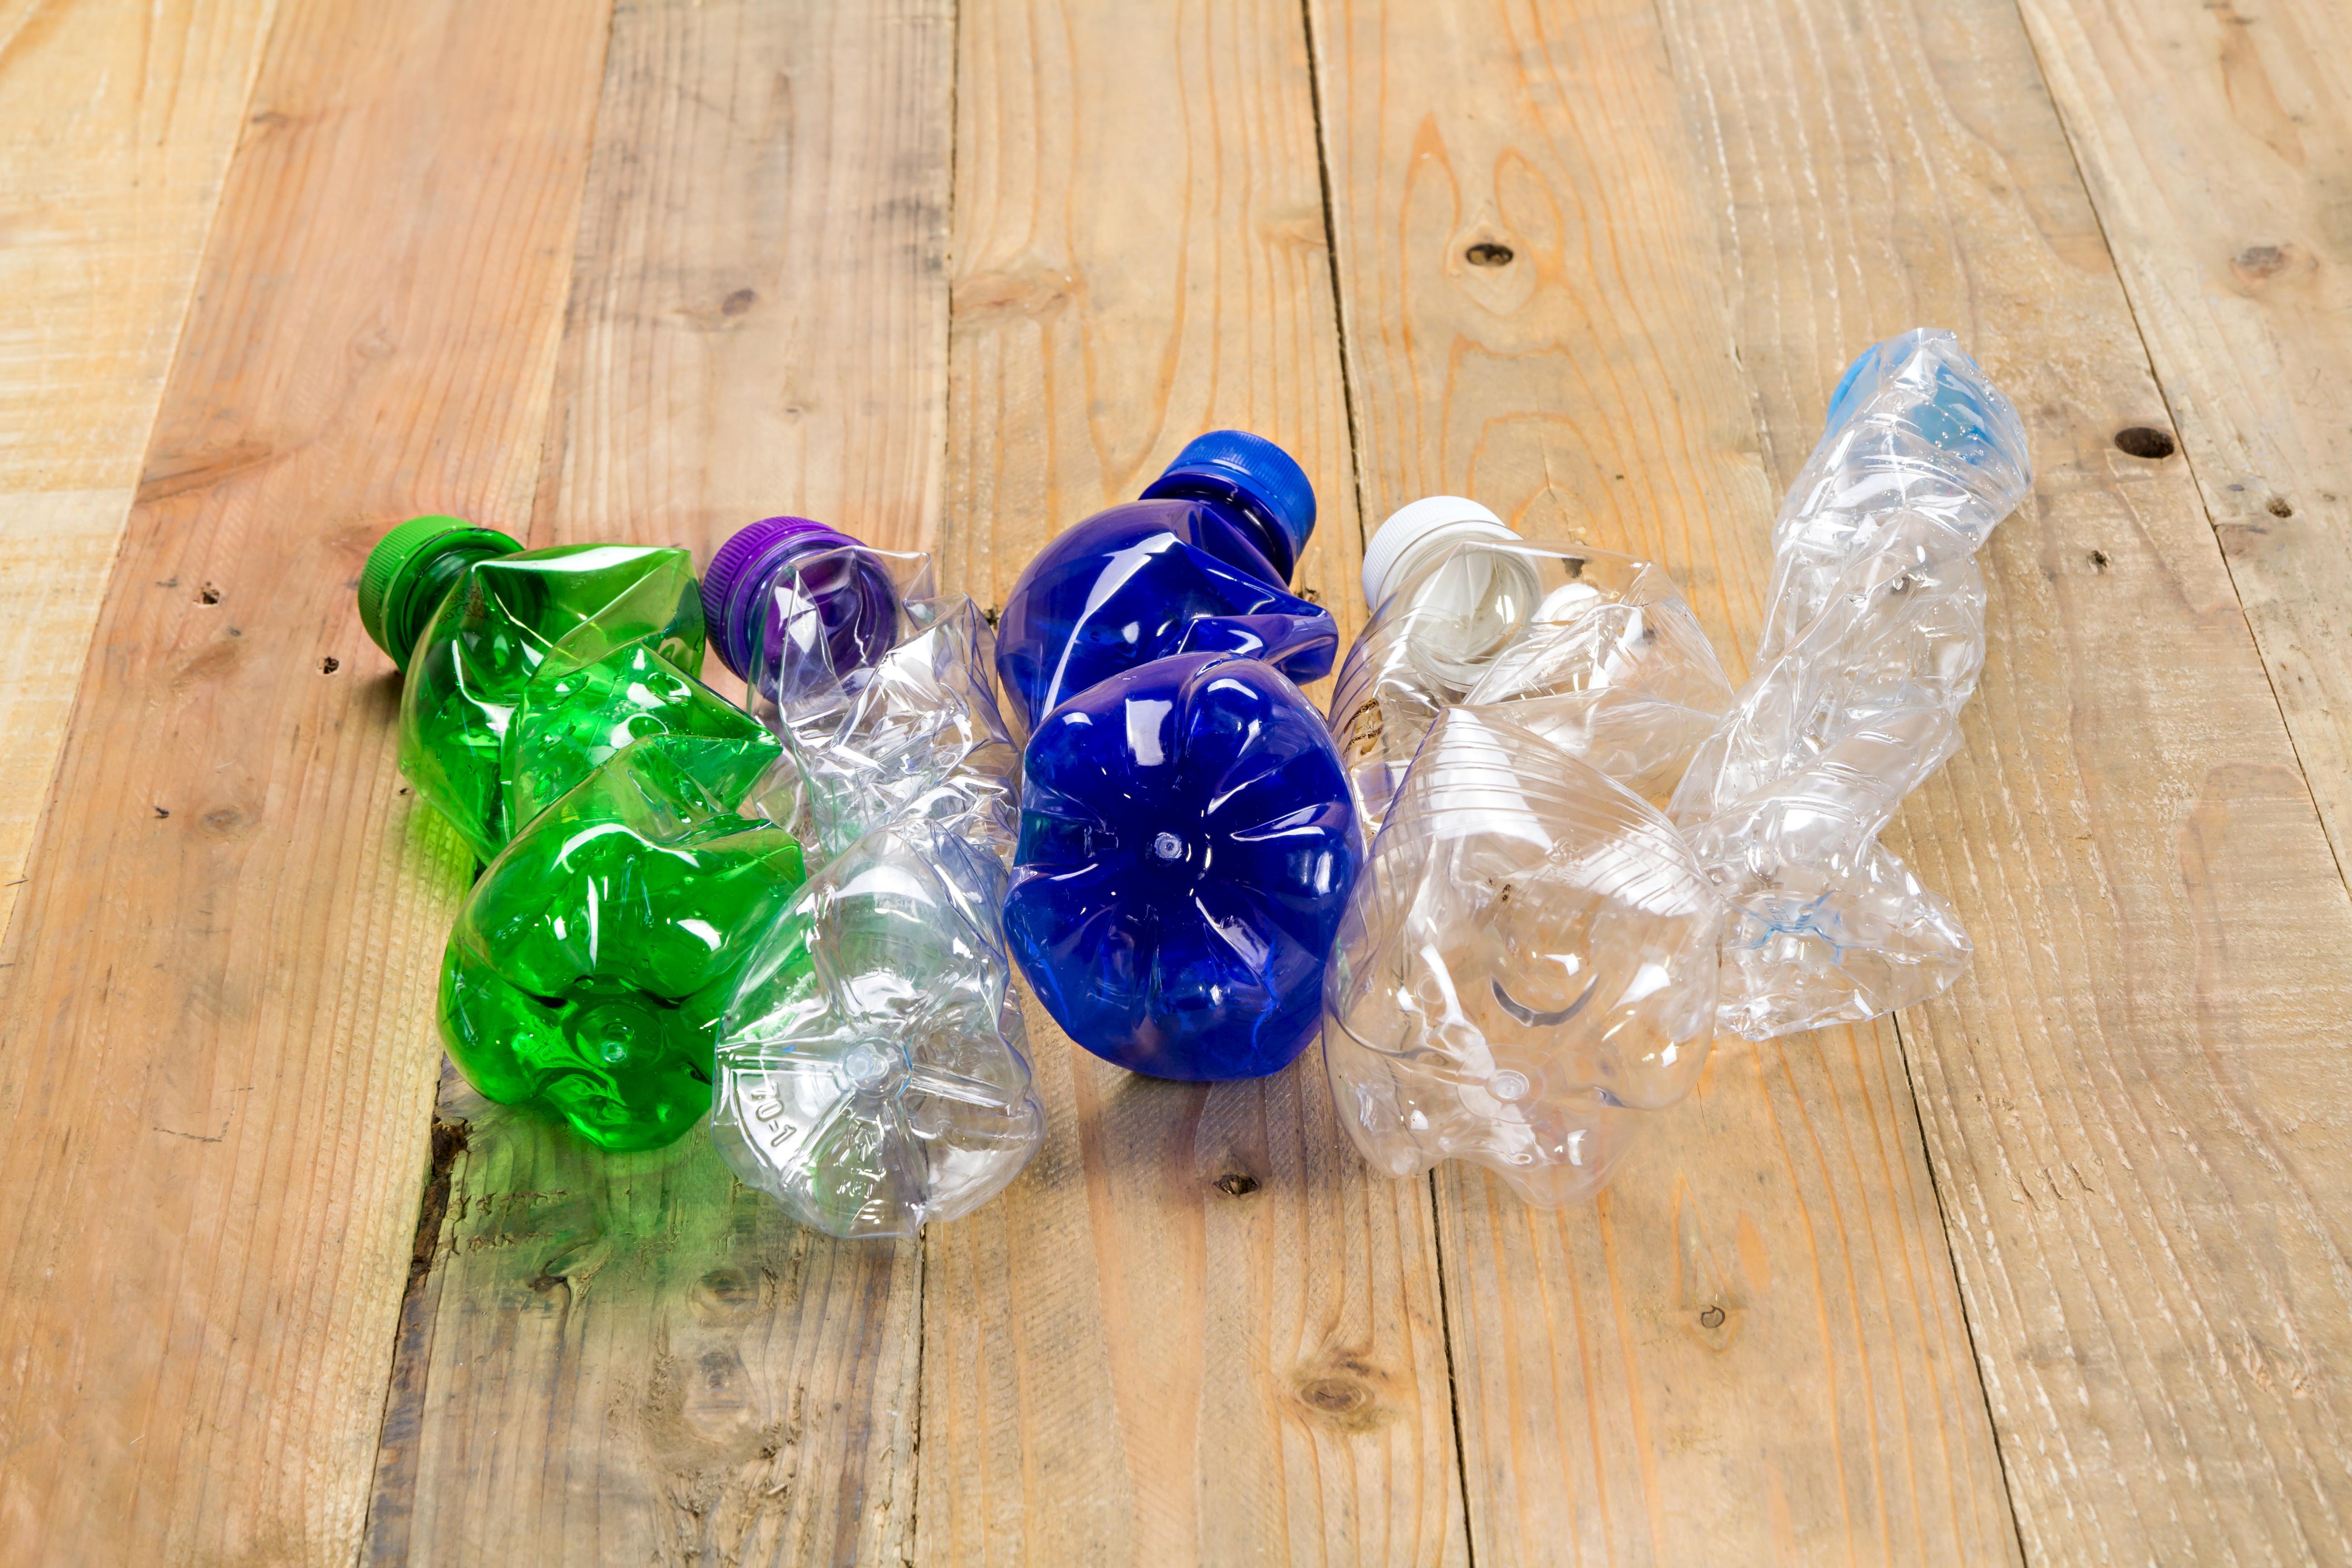 42 největších anglických prodejců podepsalo úmluvu na snížení plastových obalů